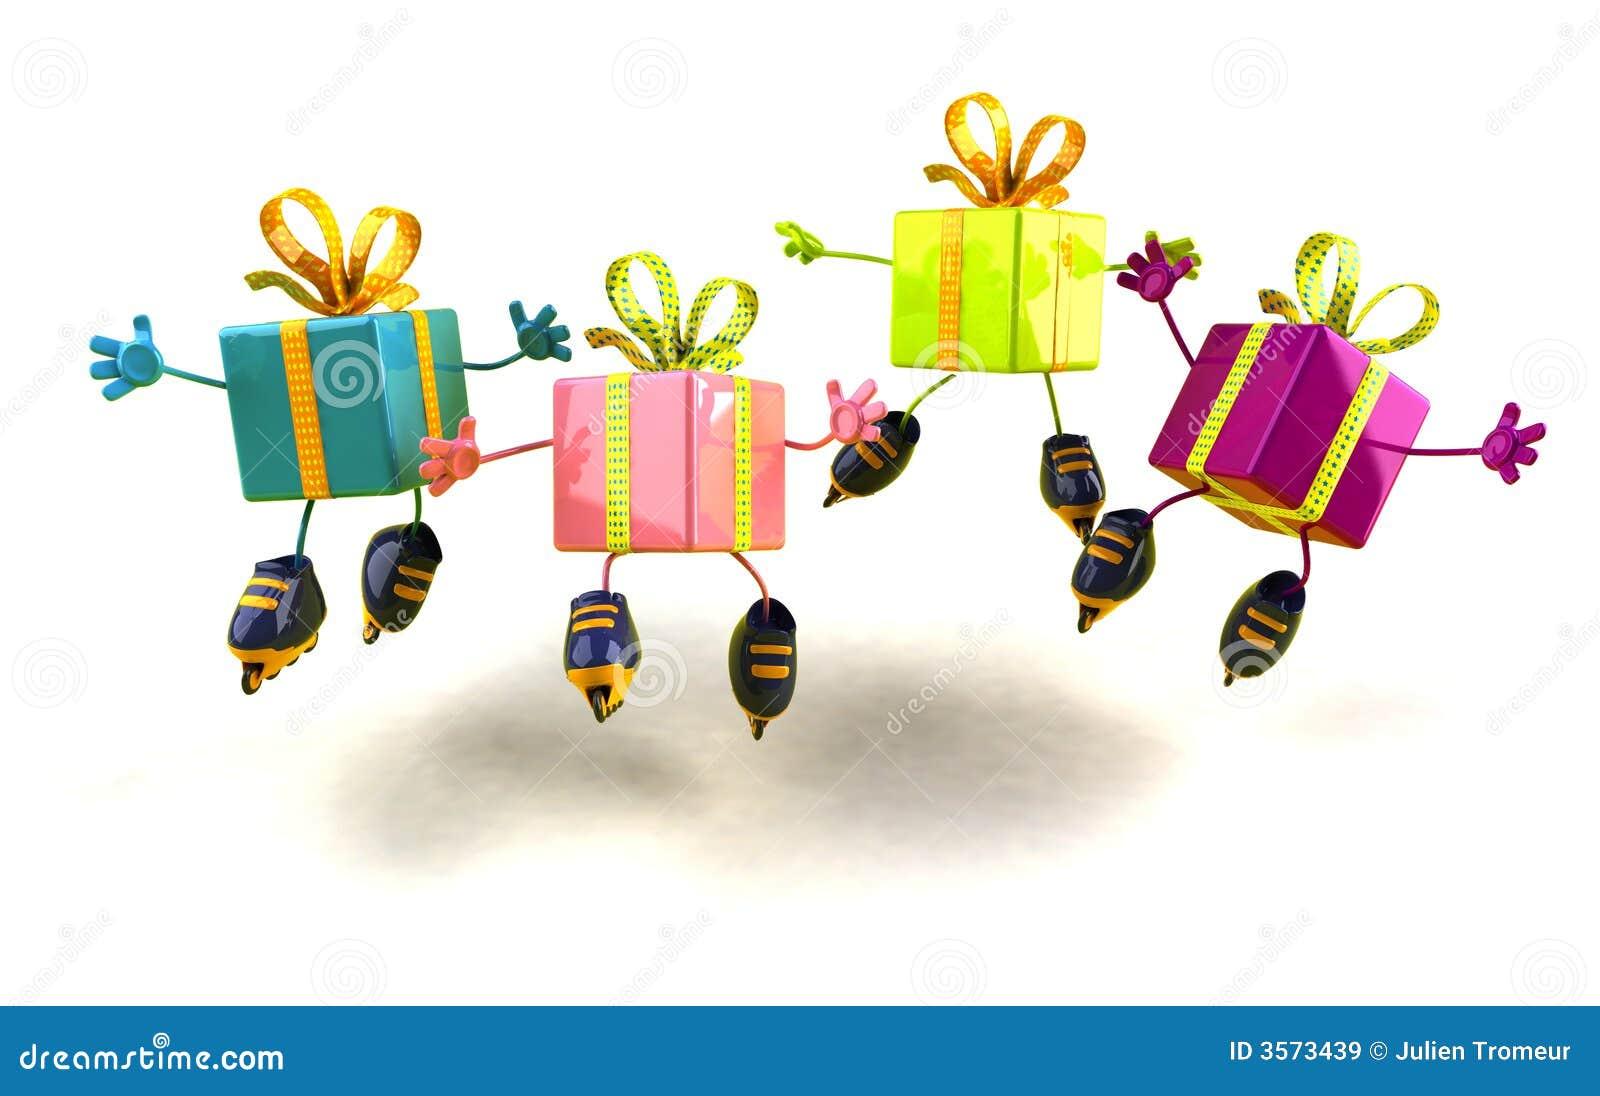 Pattinare dei regali